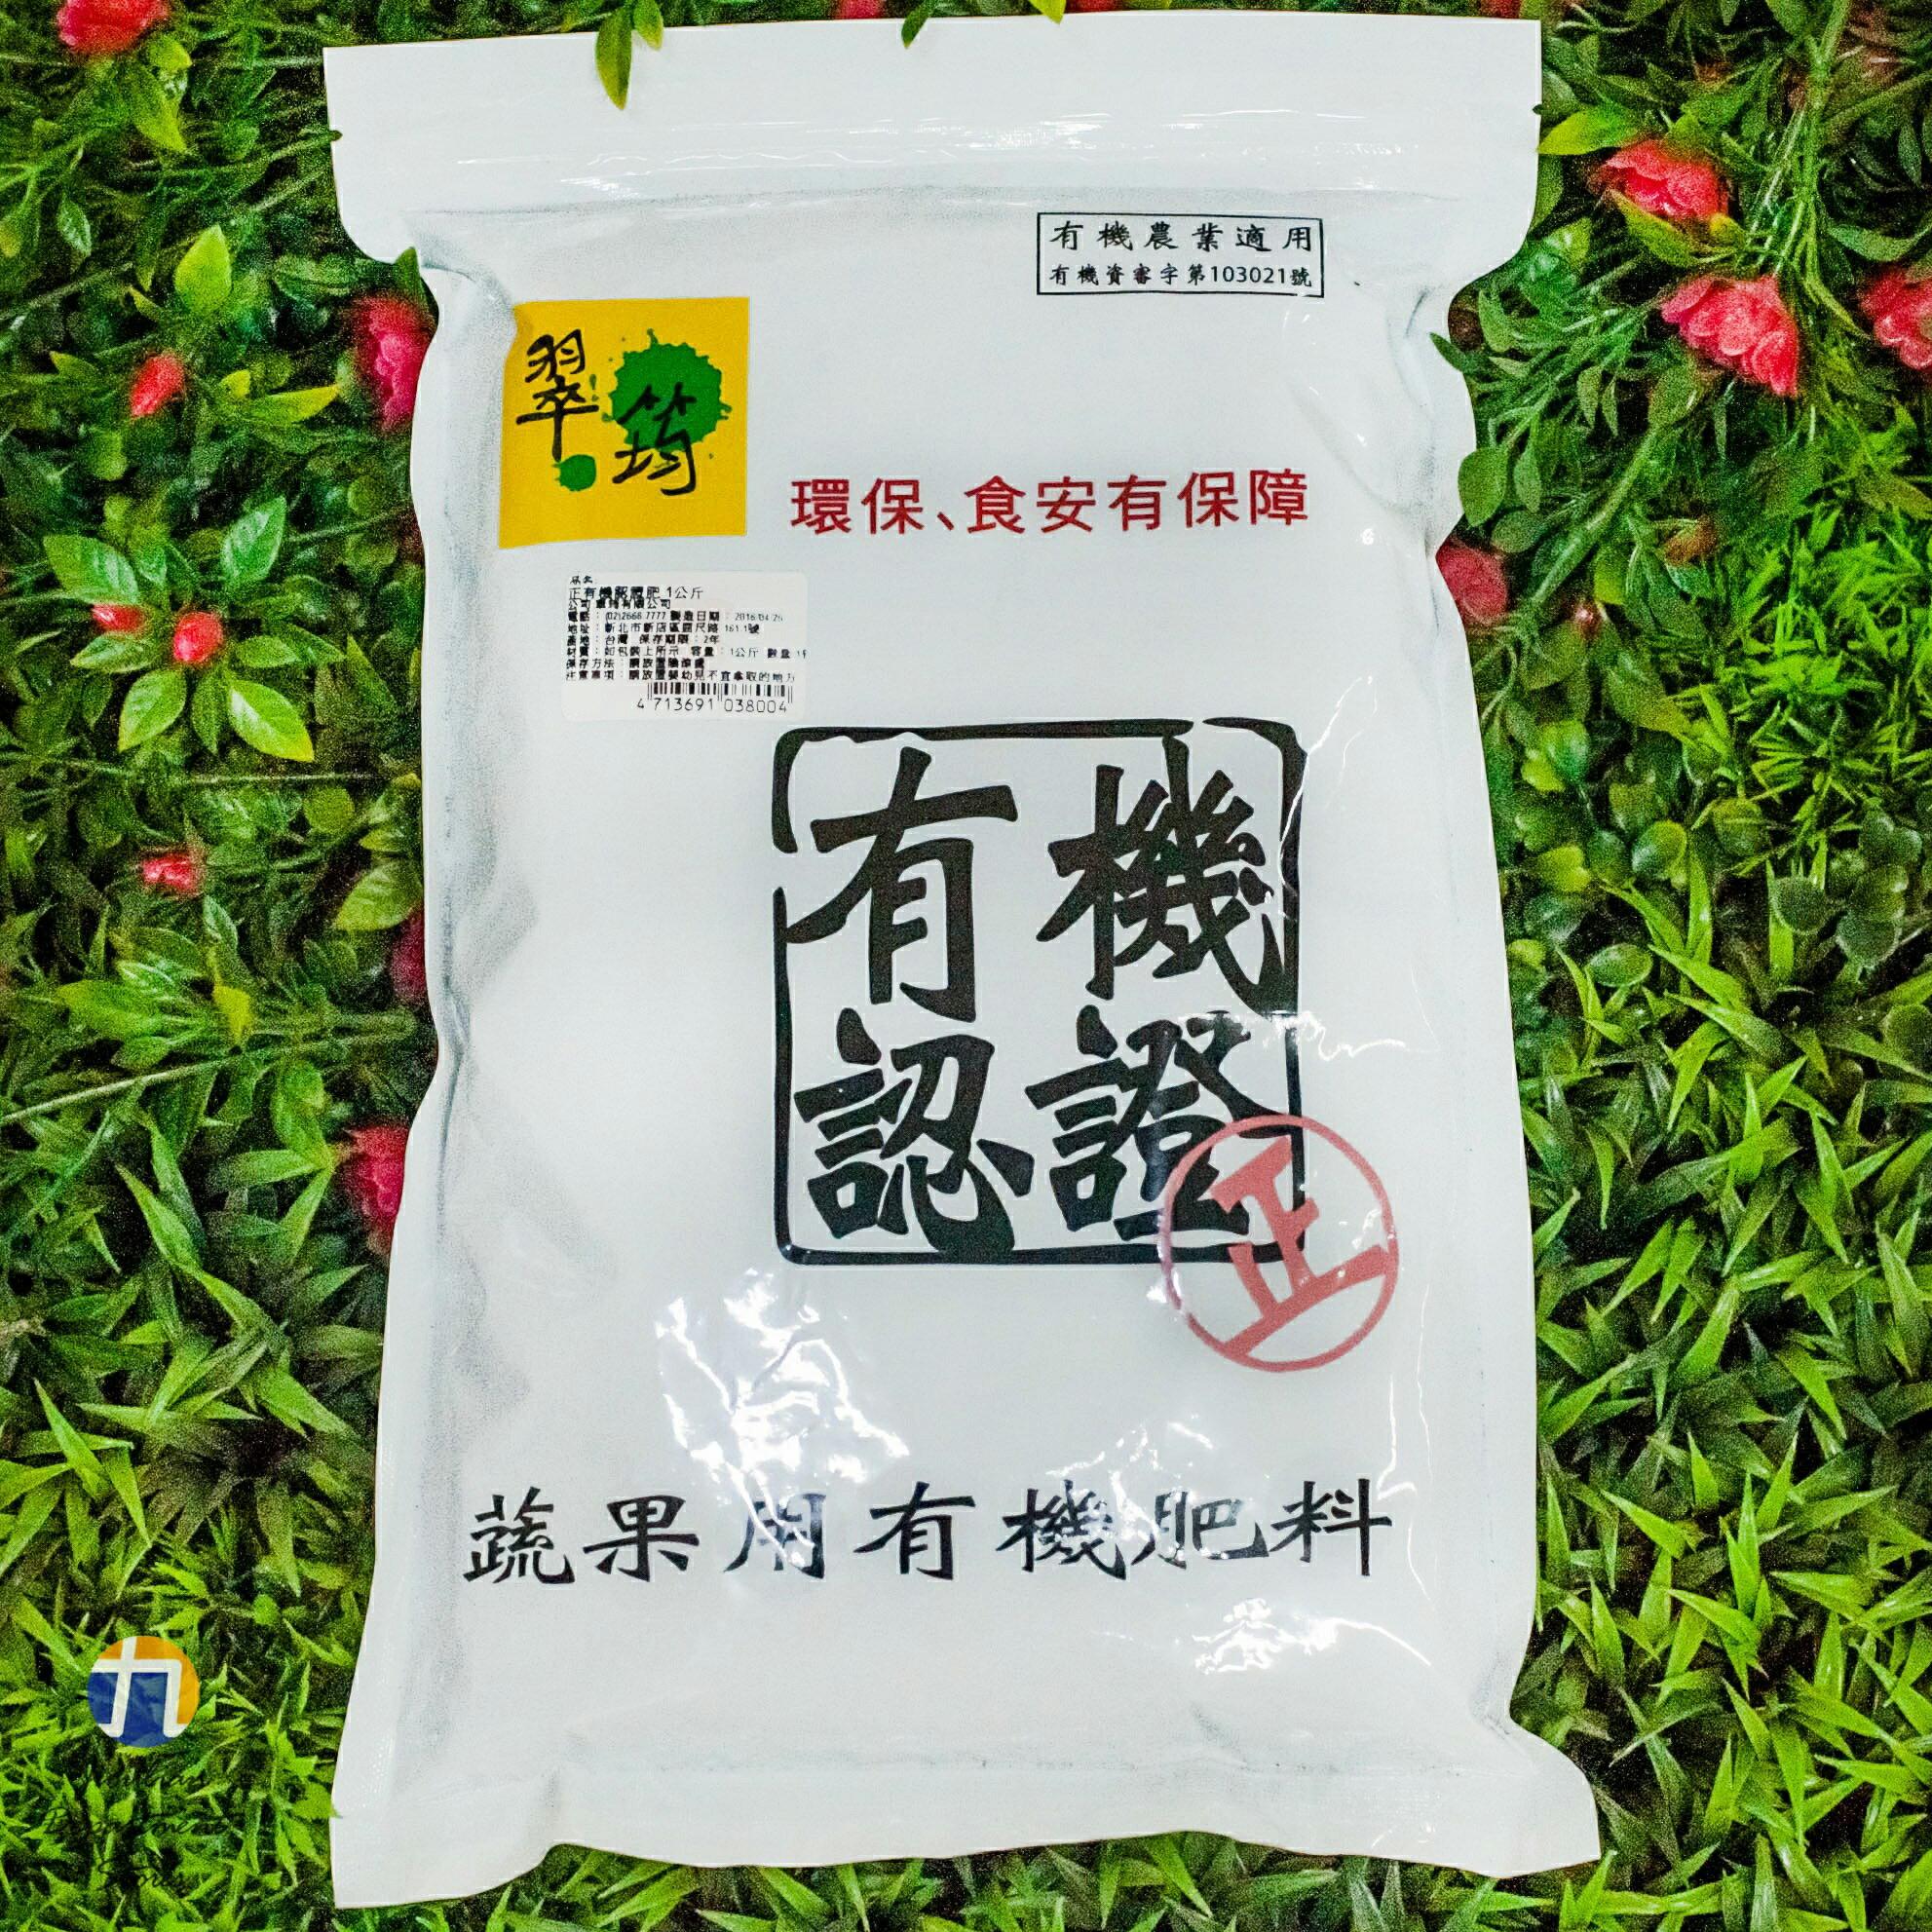 """{九聯百貨} """"正"""" 有機認證 翠筠 蔬果專用 有機肥料 1公斤 1包裝"""